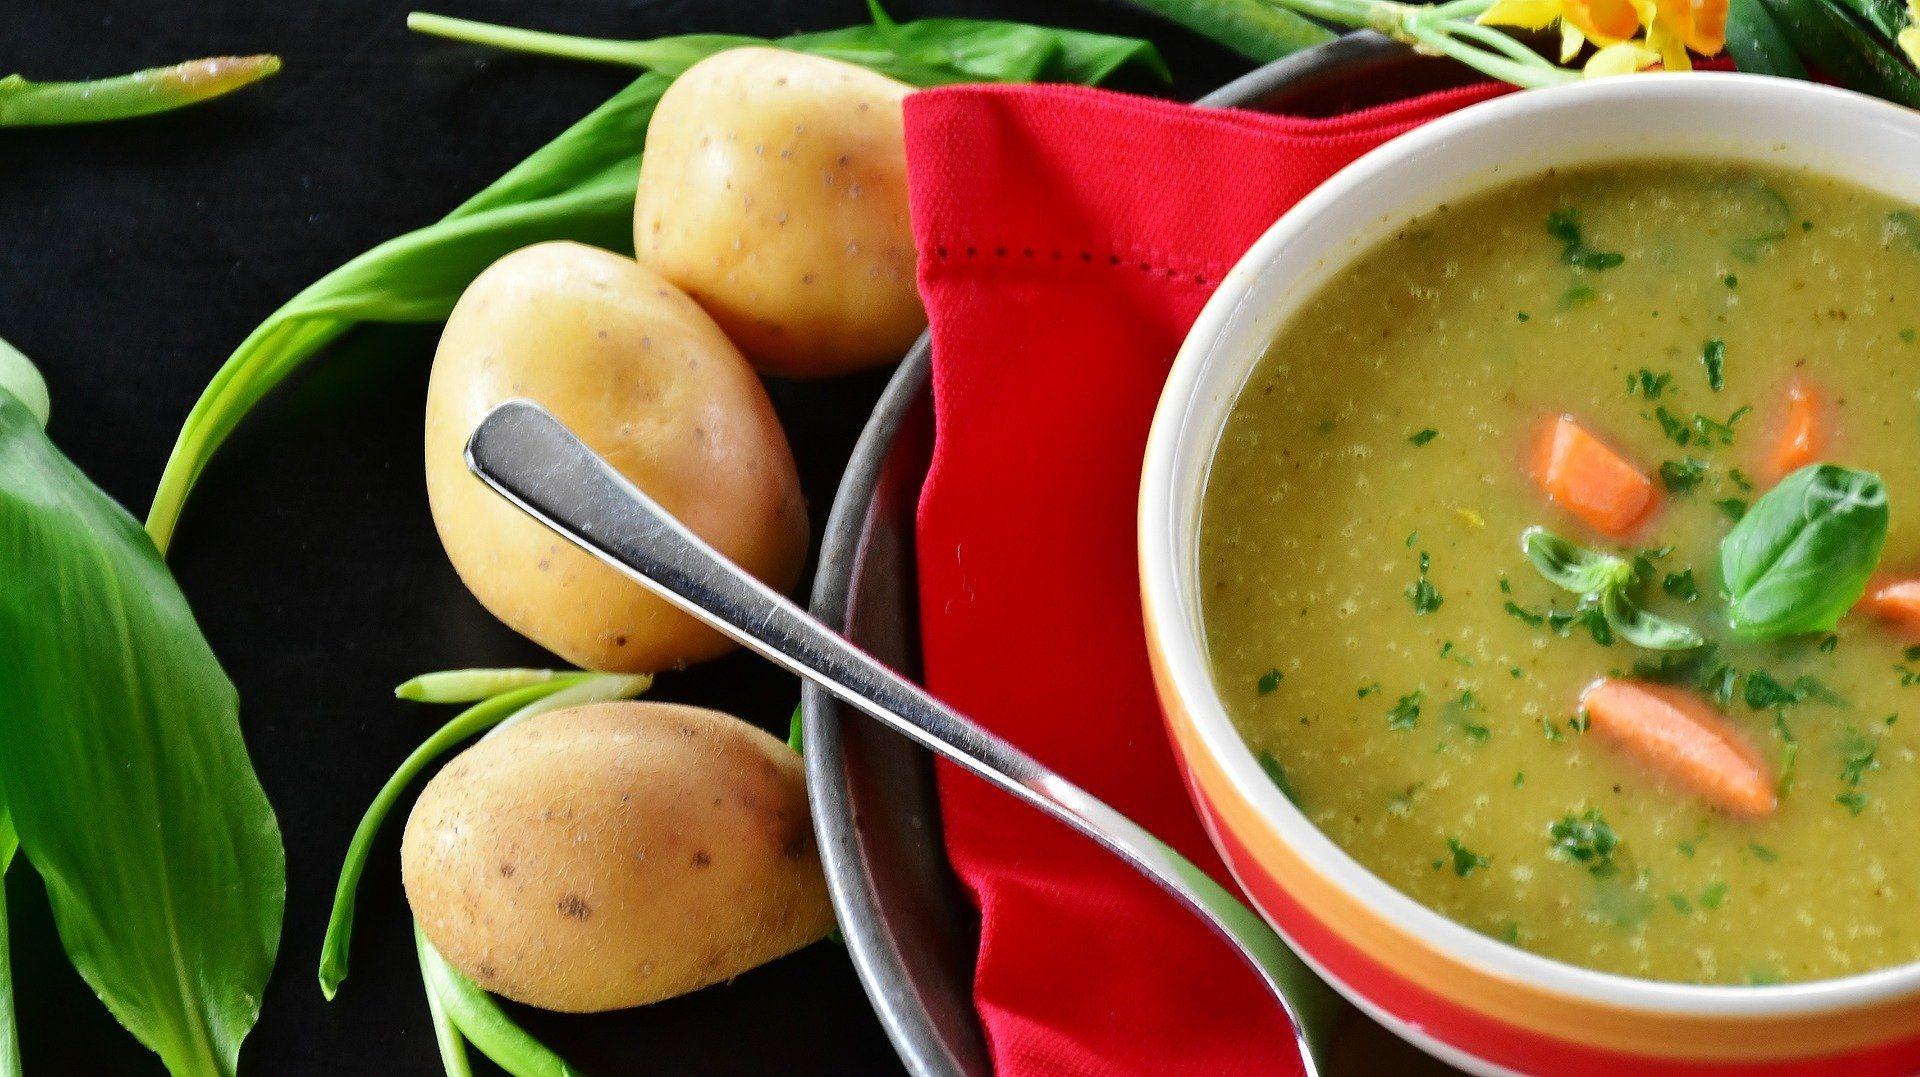 Auch wenn der Kürbis mega im Trend ist, tuts auch die gute alte Kartoffelsuppe